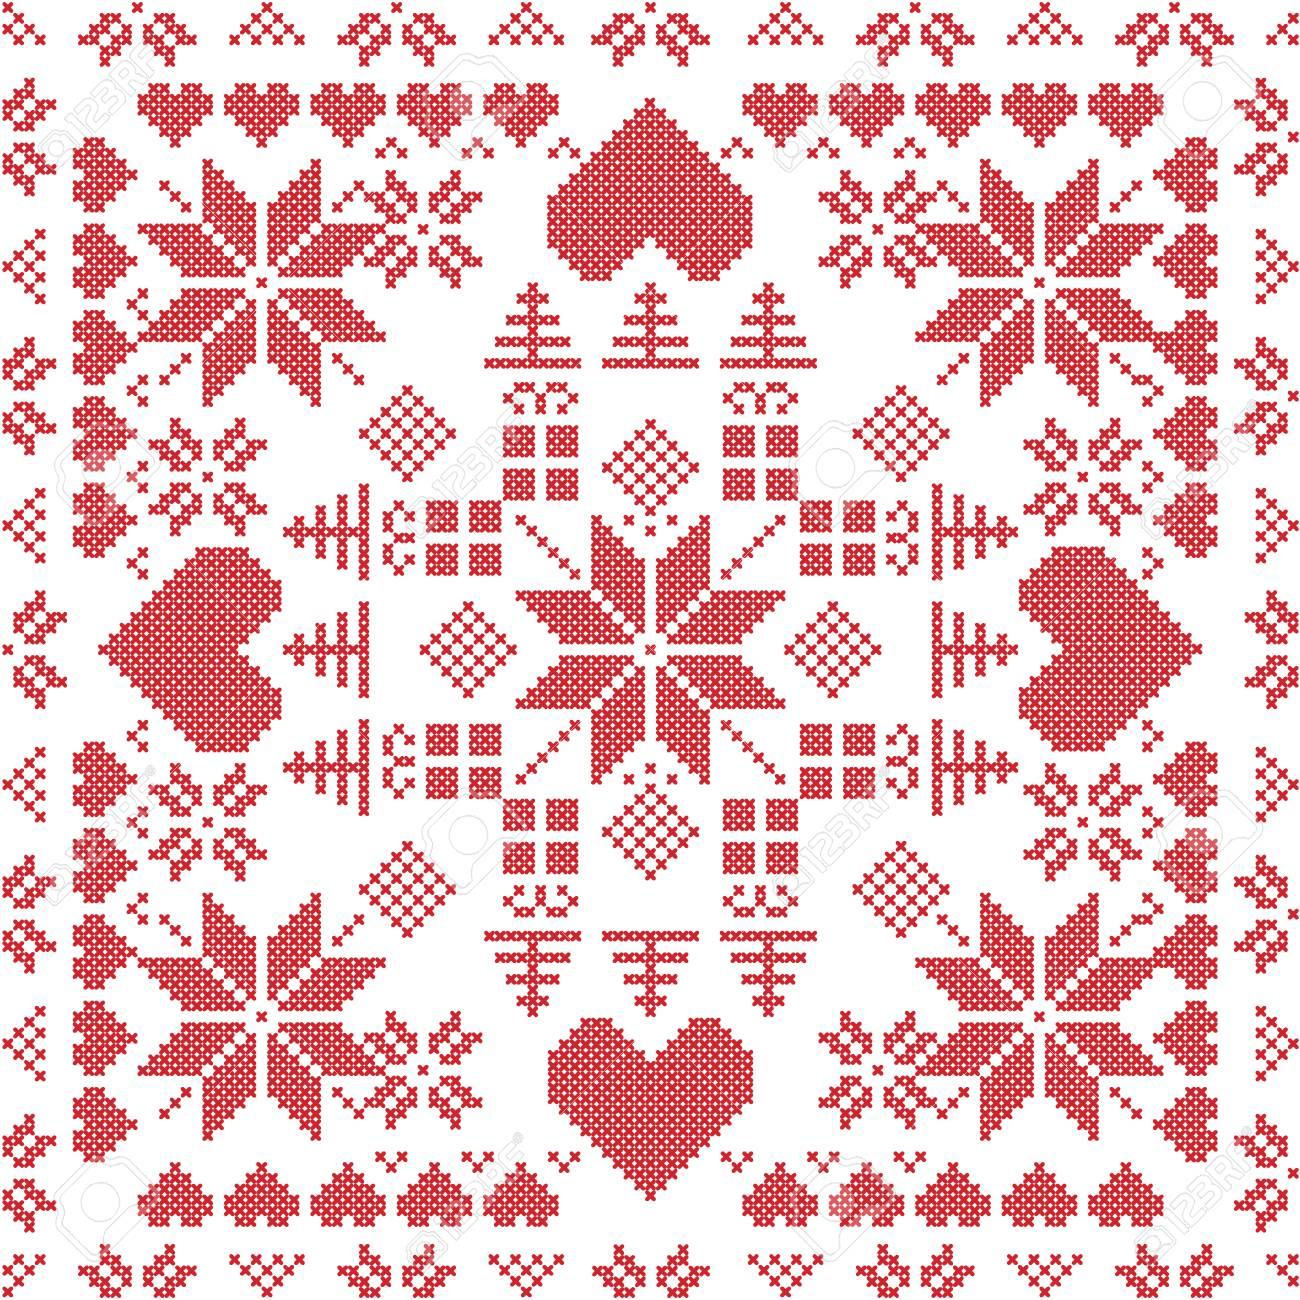 Estilo escandinavo stich invierno nórdico, tejer patrón transparente en la forma cuadrada que incluye copos de nieve, los regalos de Navidad, ...